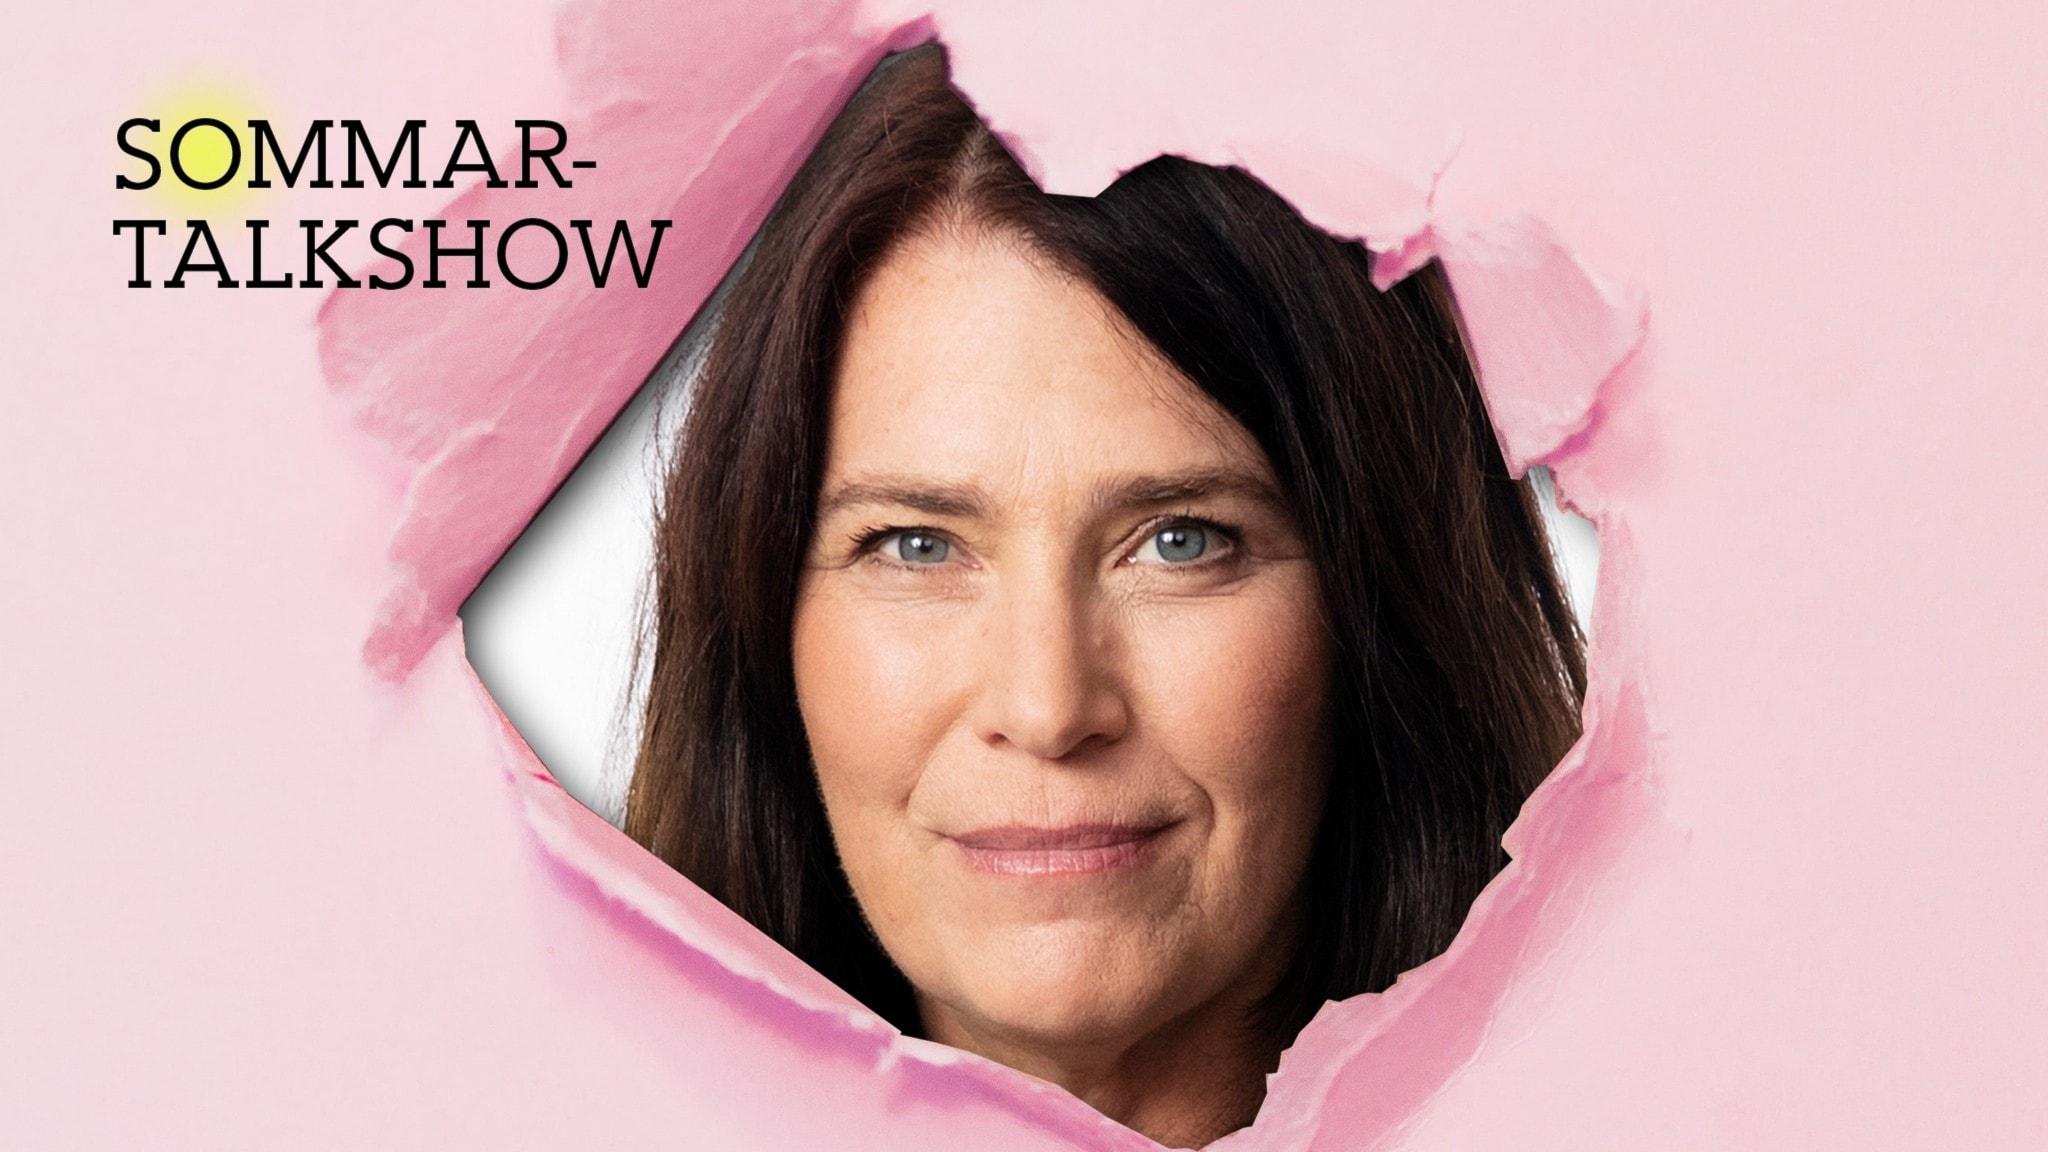 Sommartalkshow med Margareta Svensson - Idag från